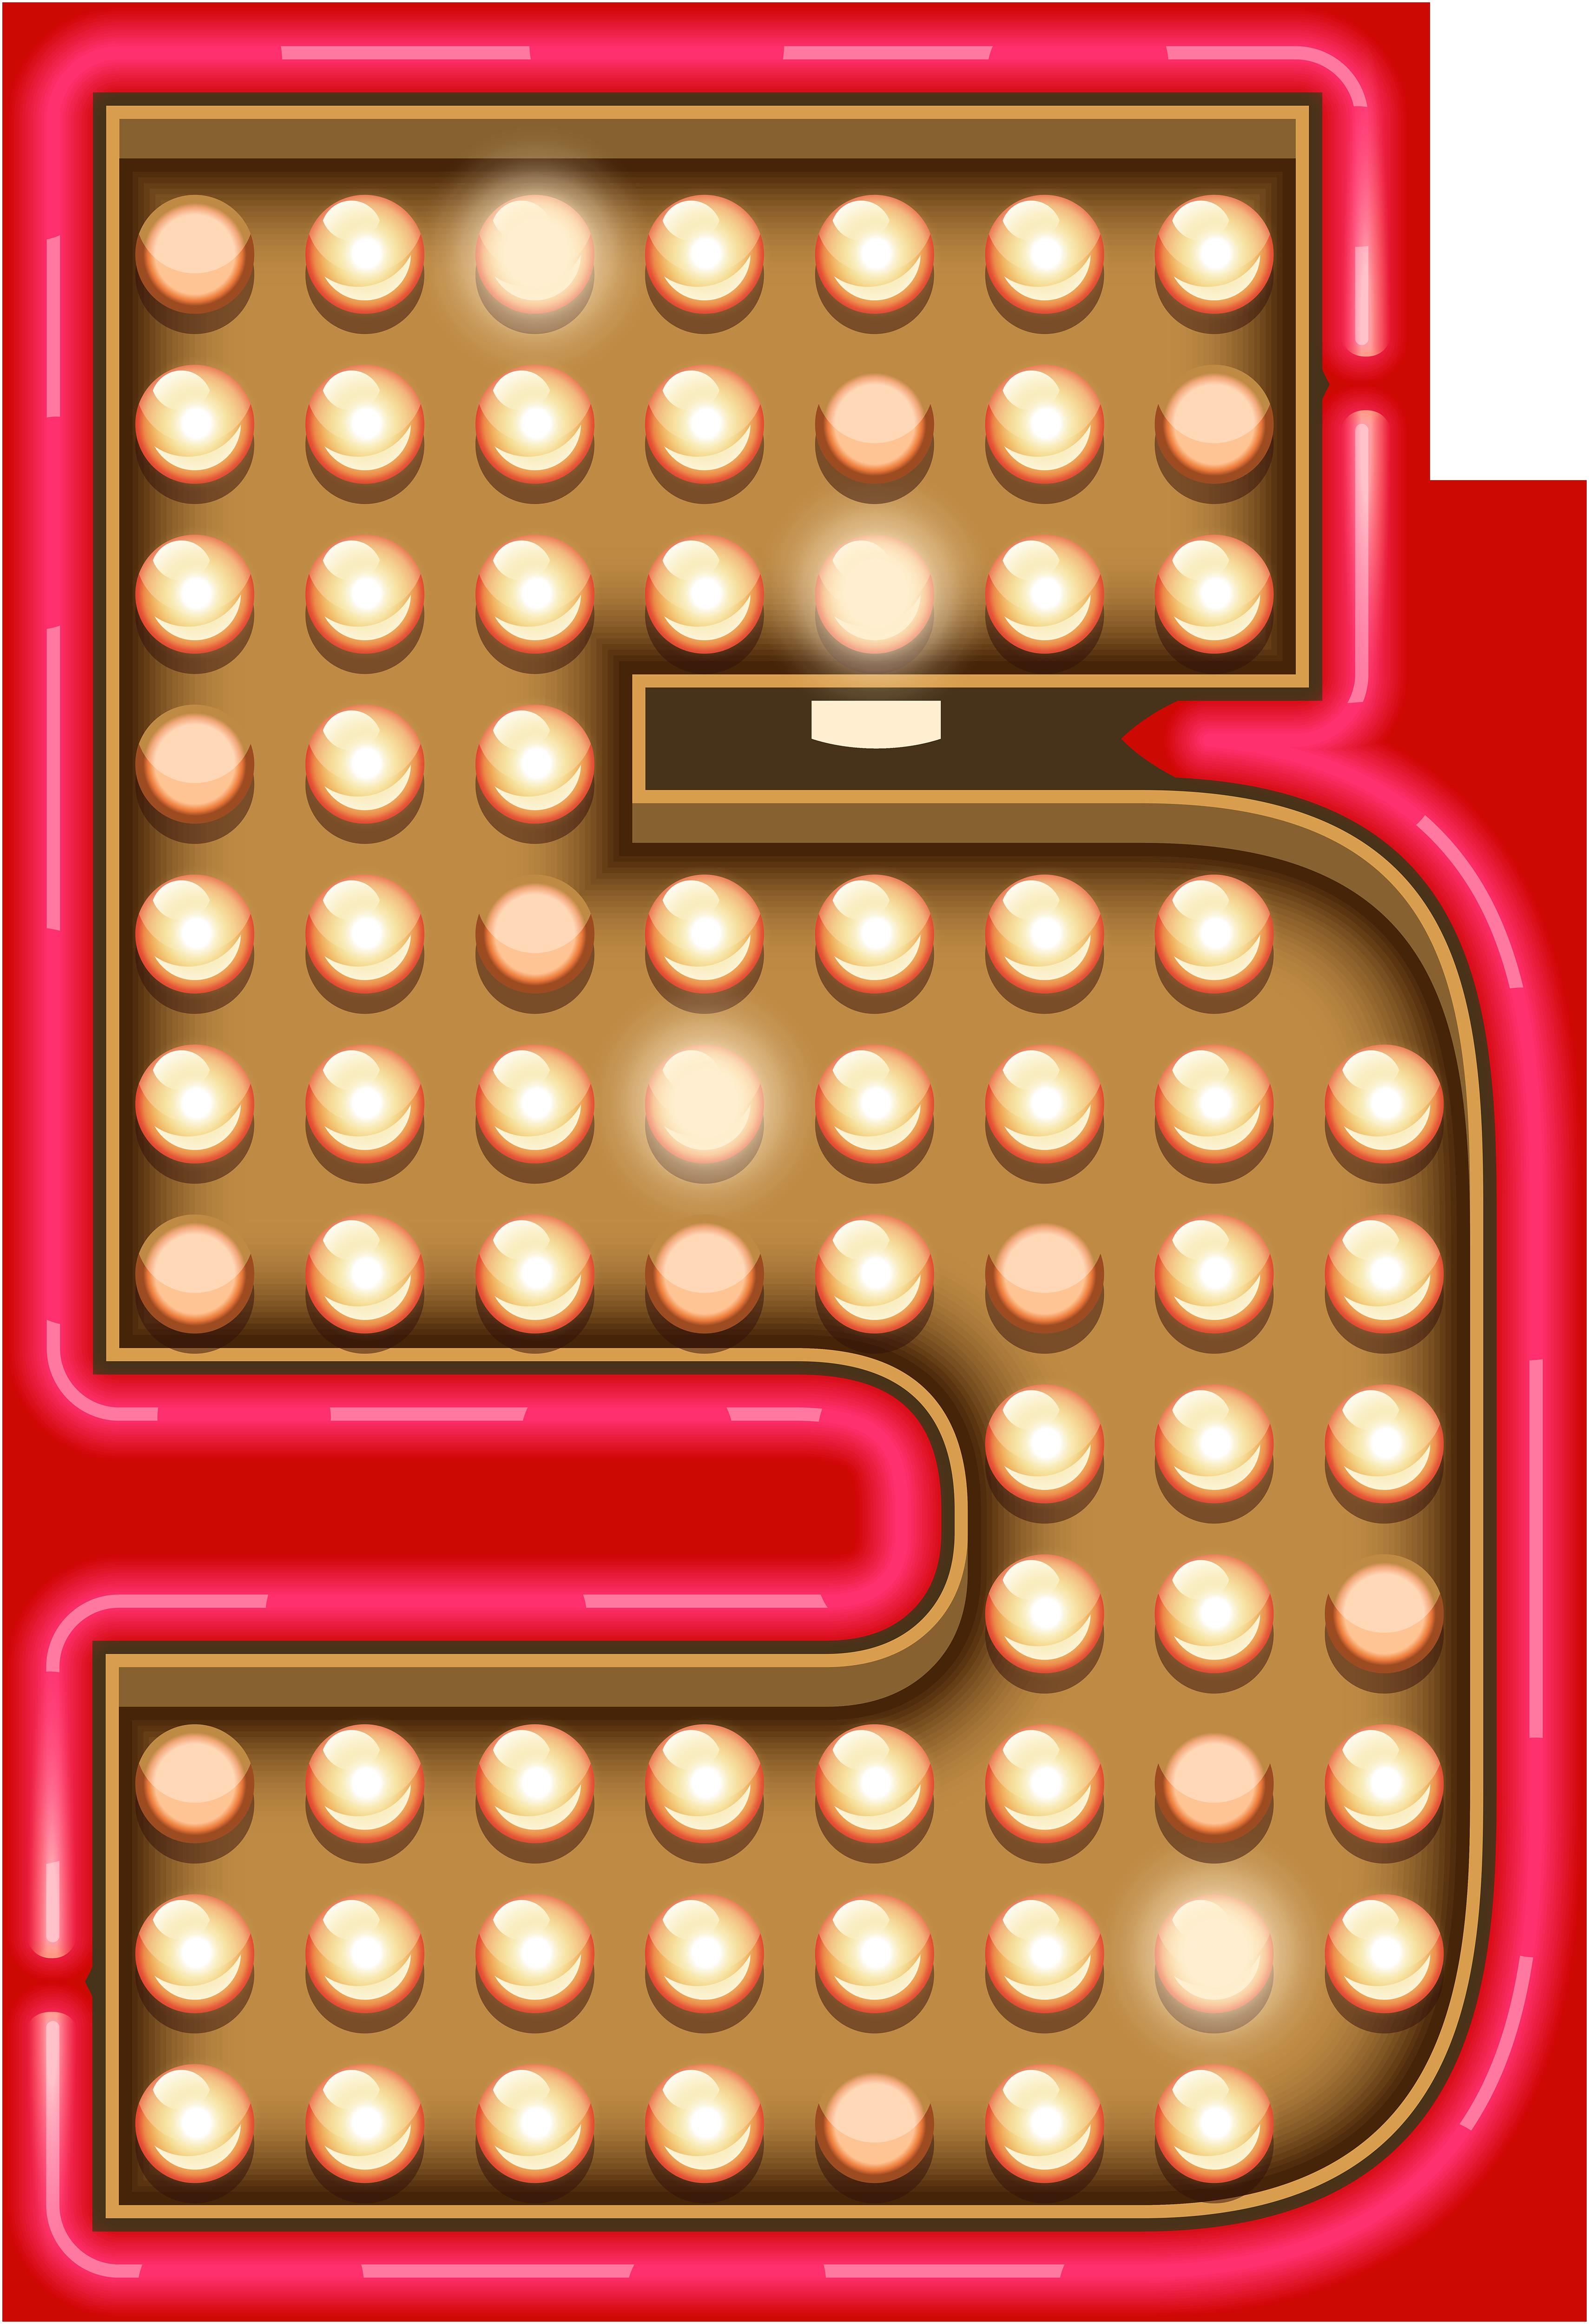 Number Five Neon Lights Transparent PNG Clip Art Image.